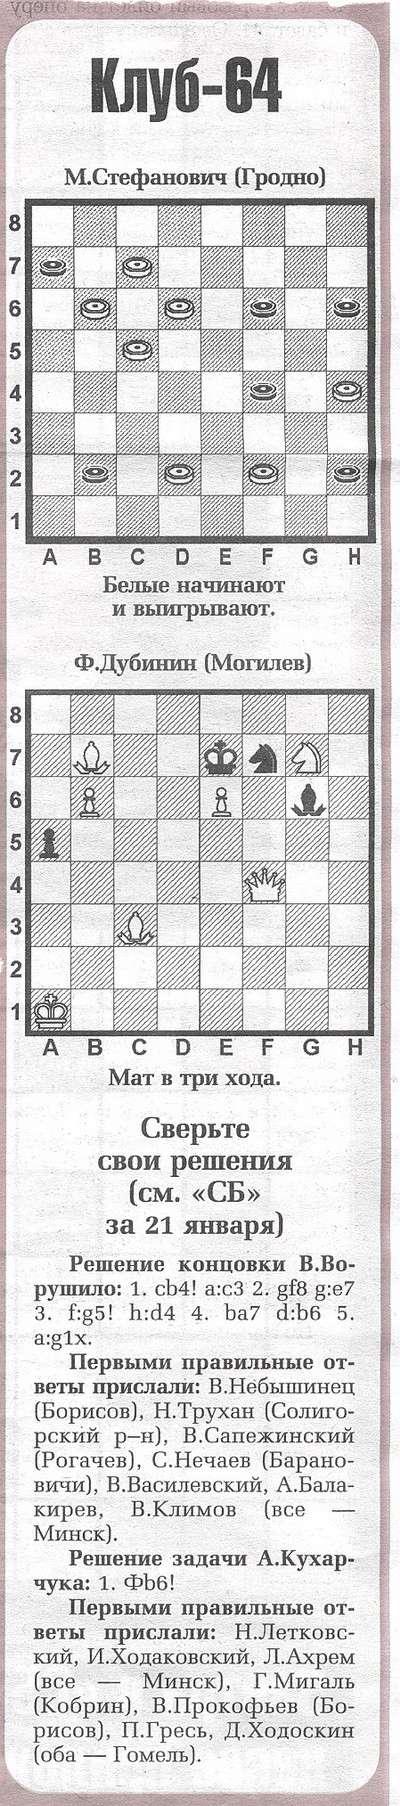 Беларусь сегодня (Минск) 11020411